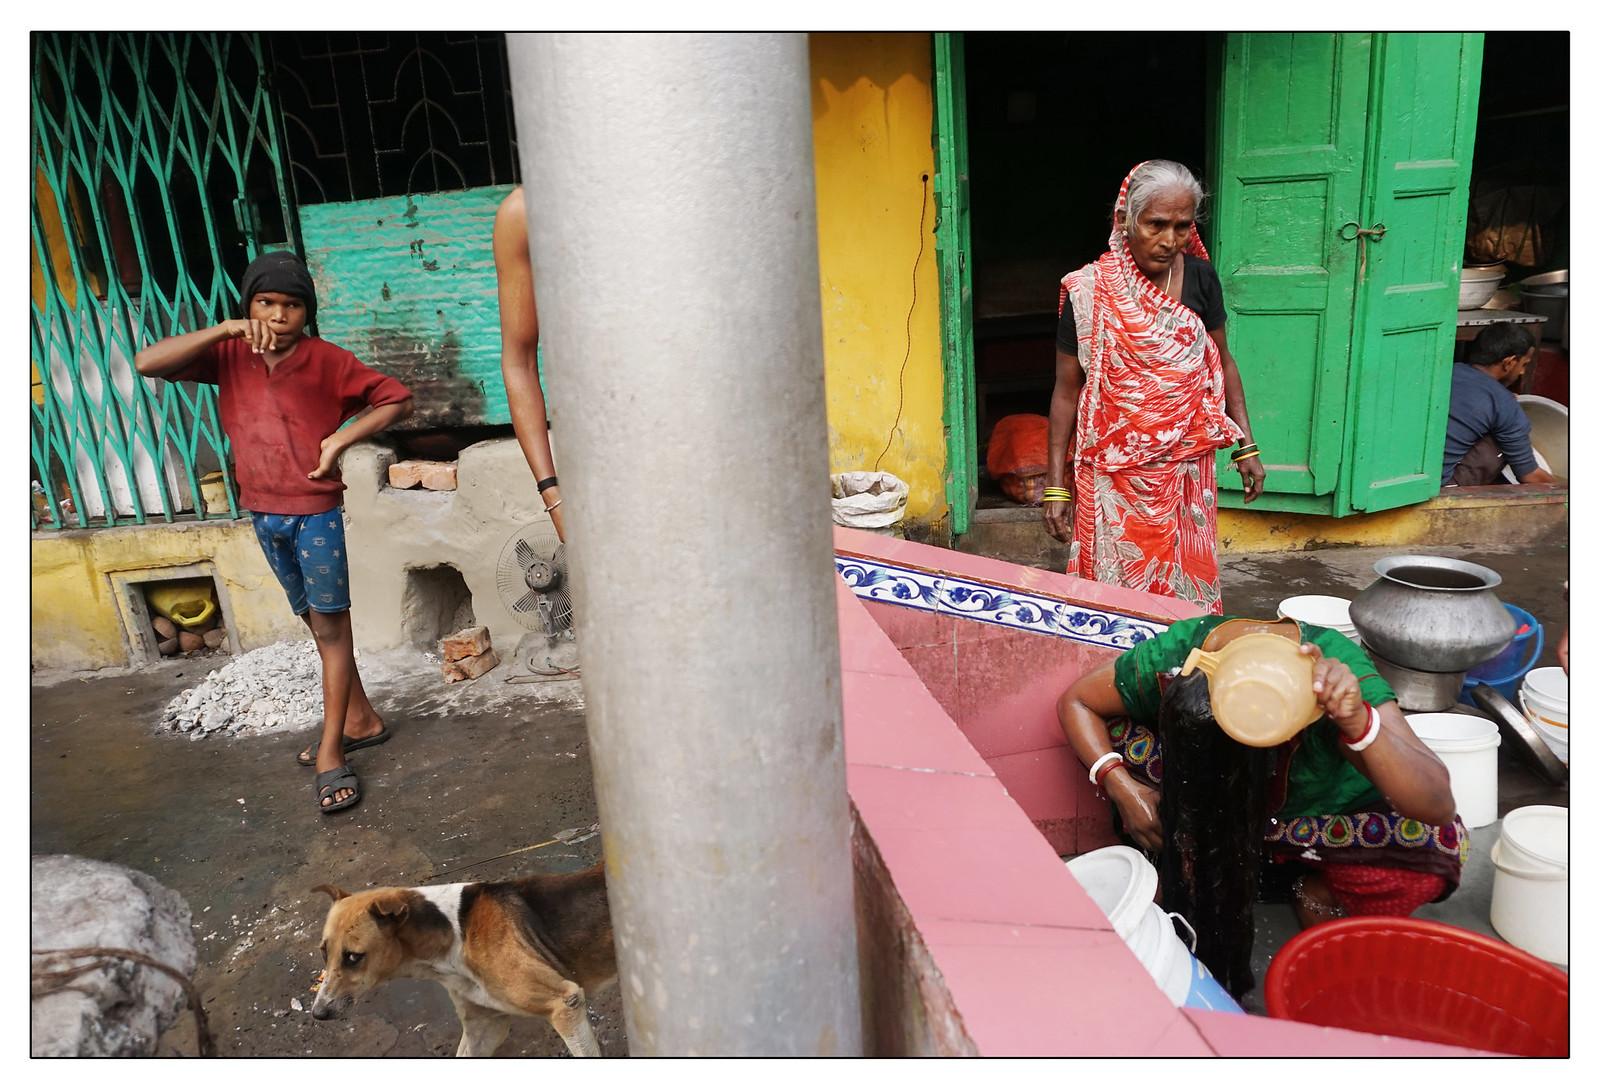 Benaras street, Kolkata | 2017 | by b i s w a j i t